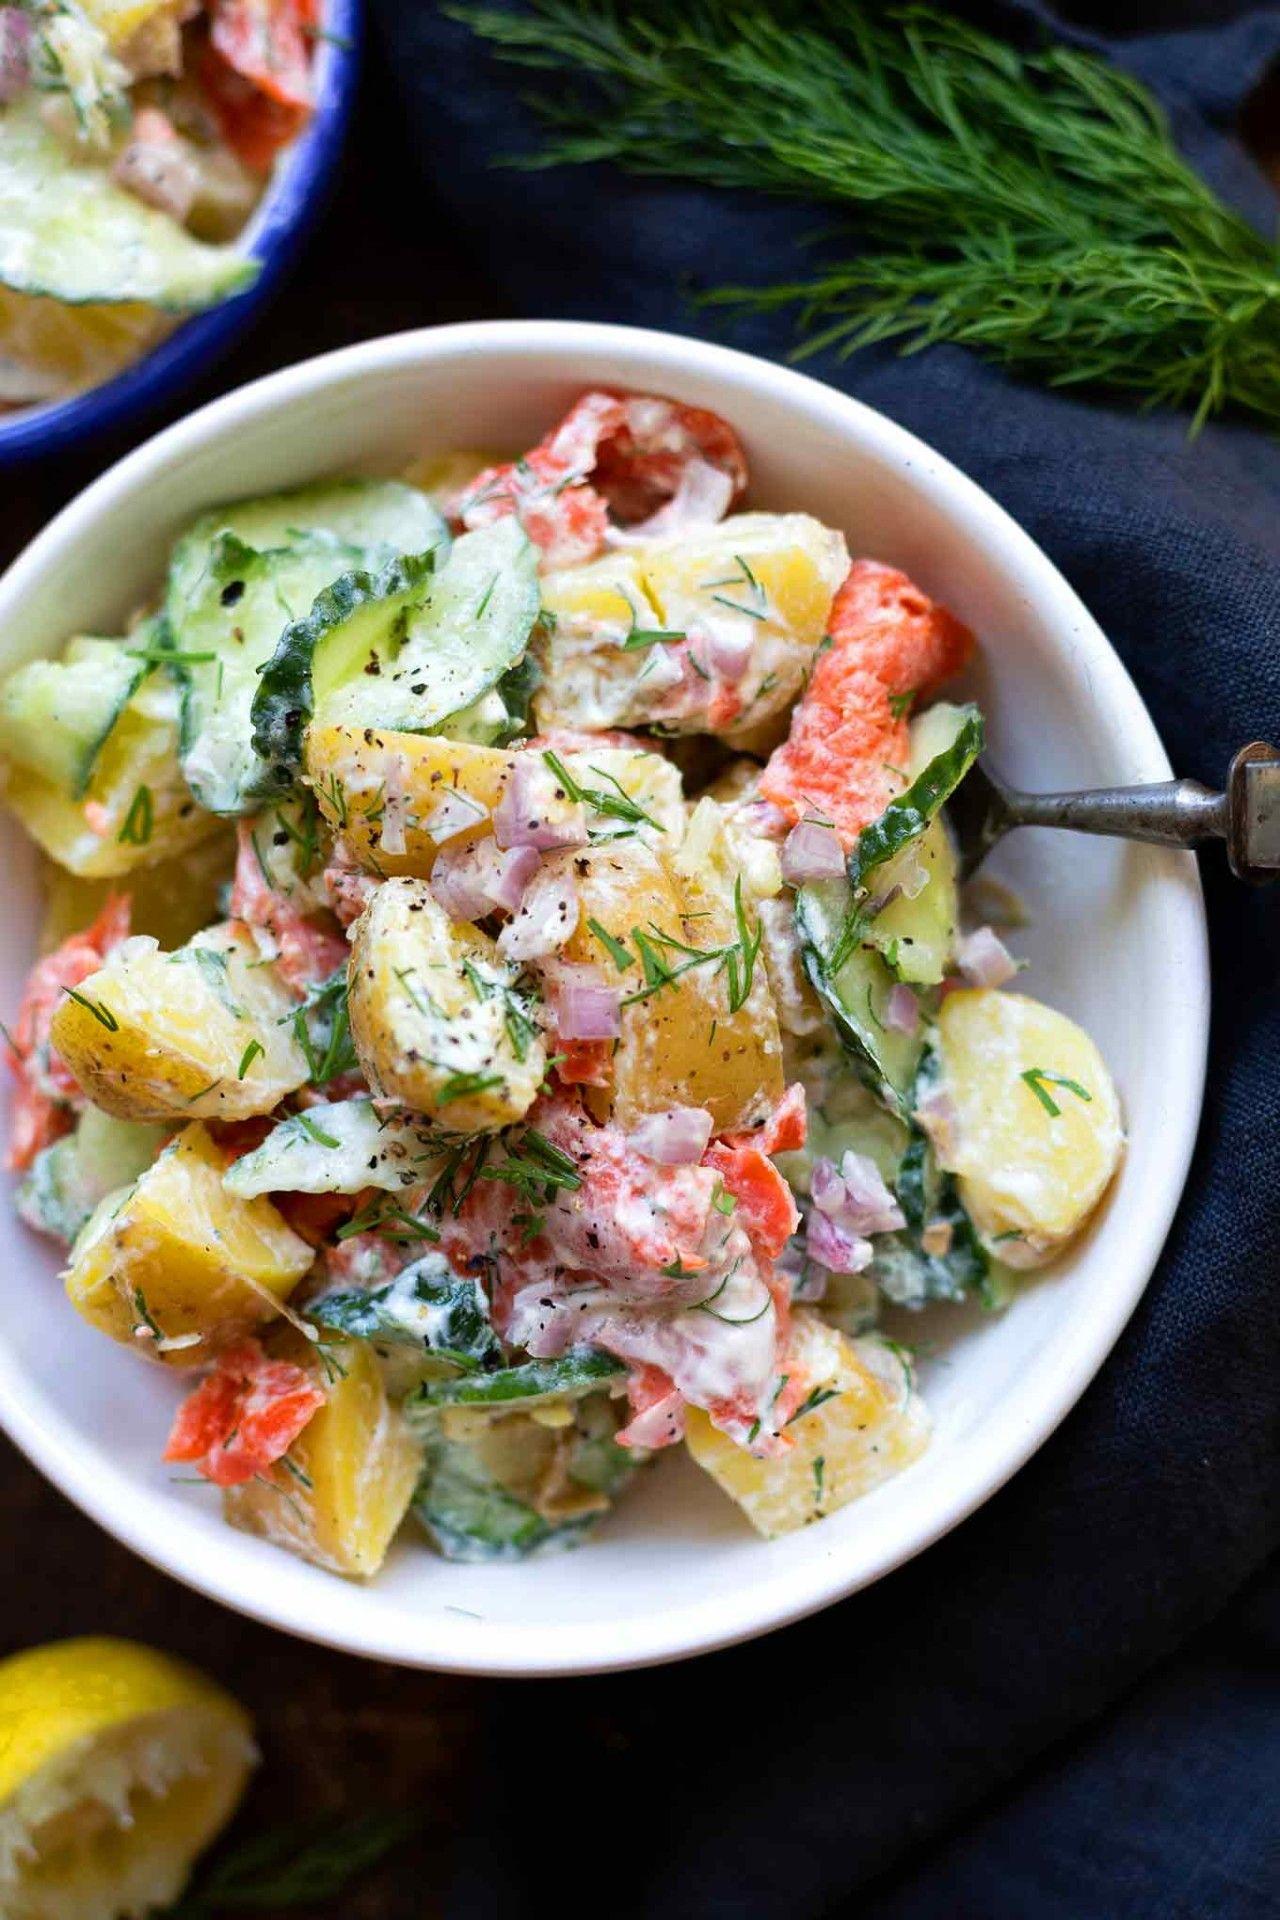 Schneller Kartoffelsalat mit Räucherlachs und Joghurt-Dill-Sauce - Kochkarussell